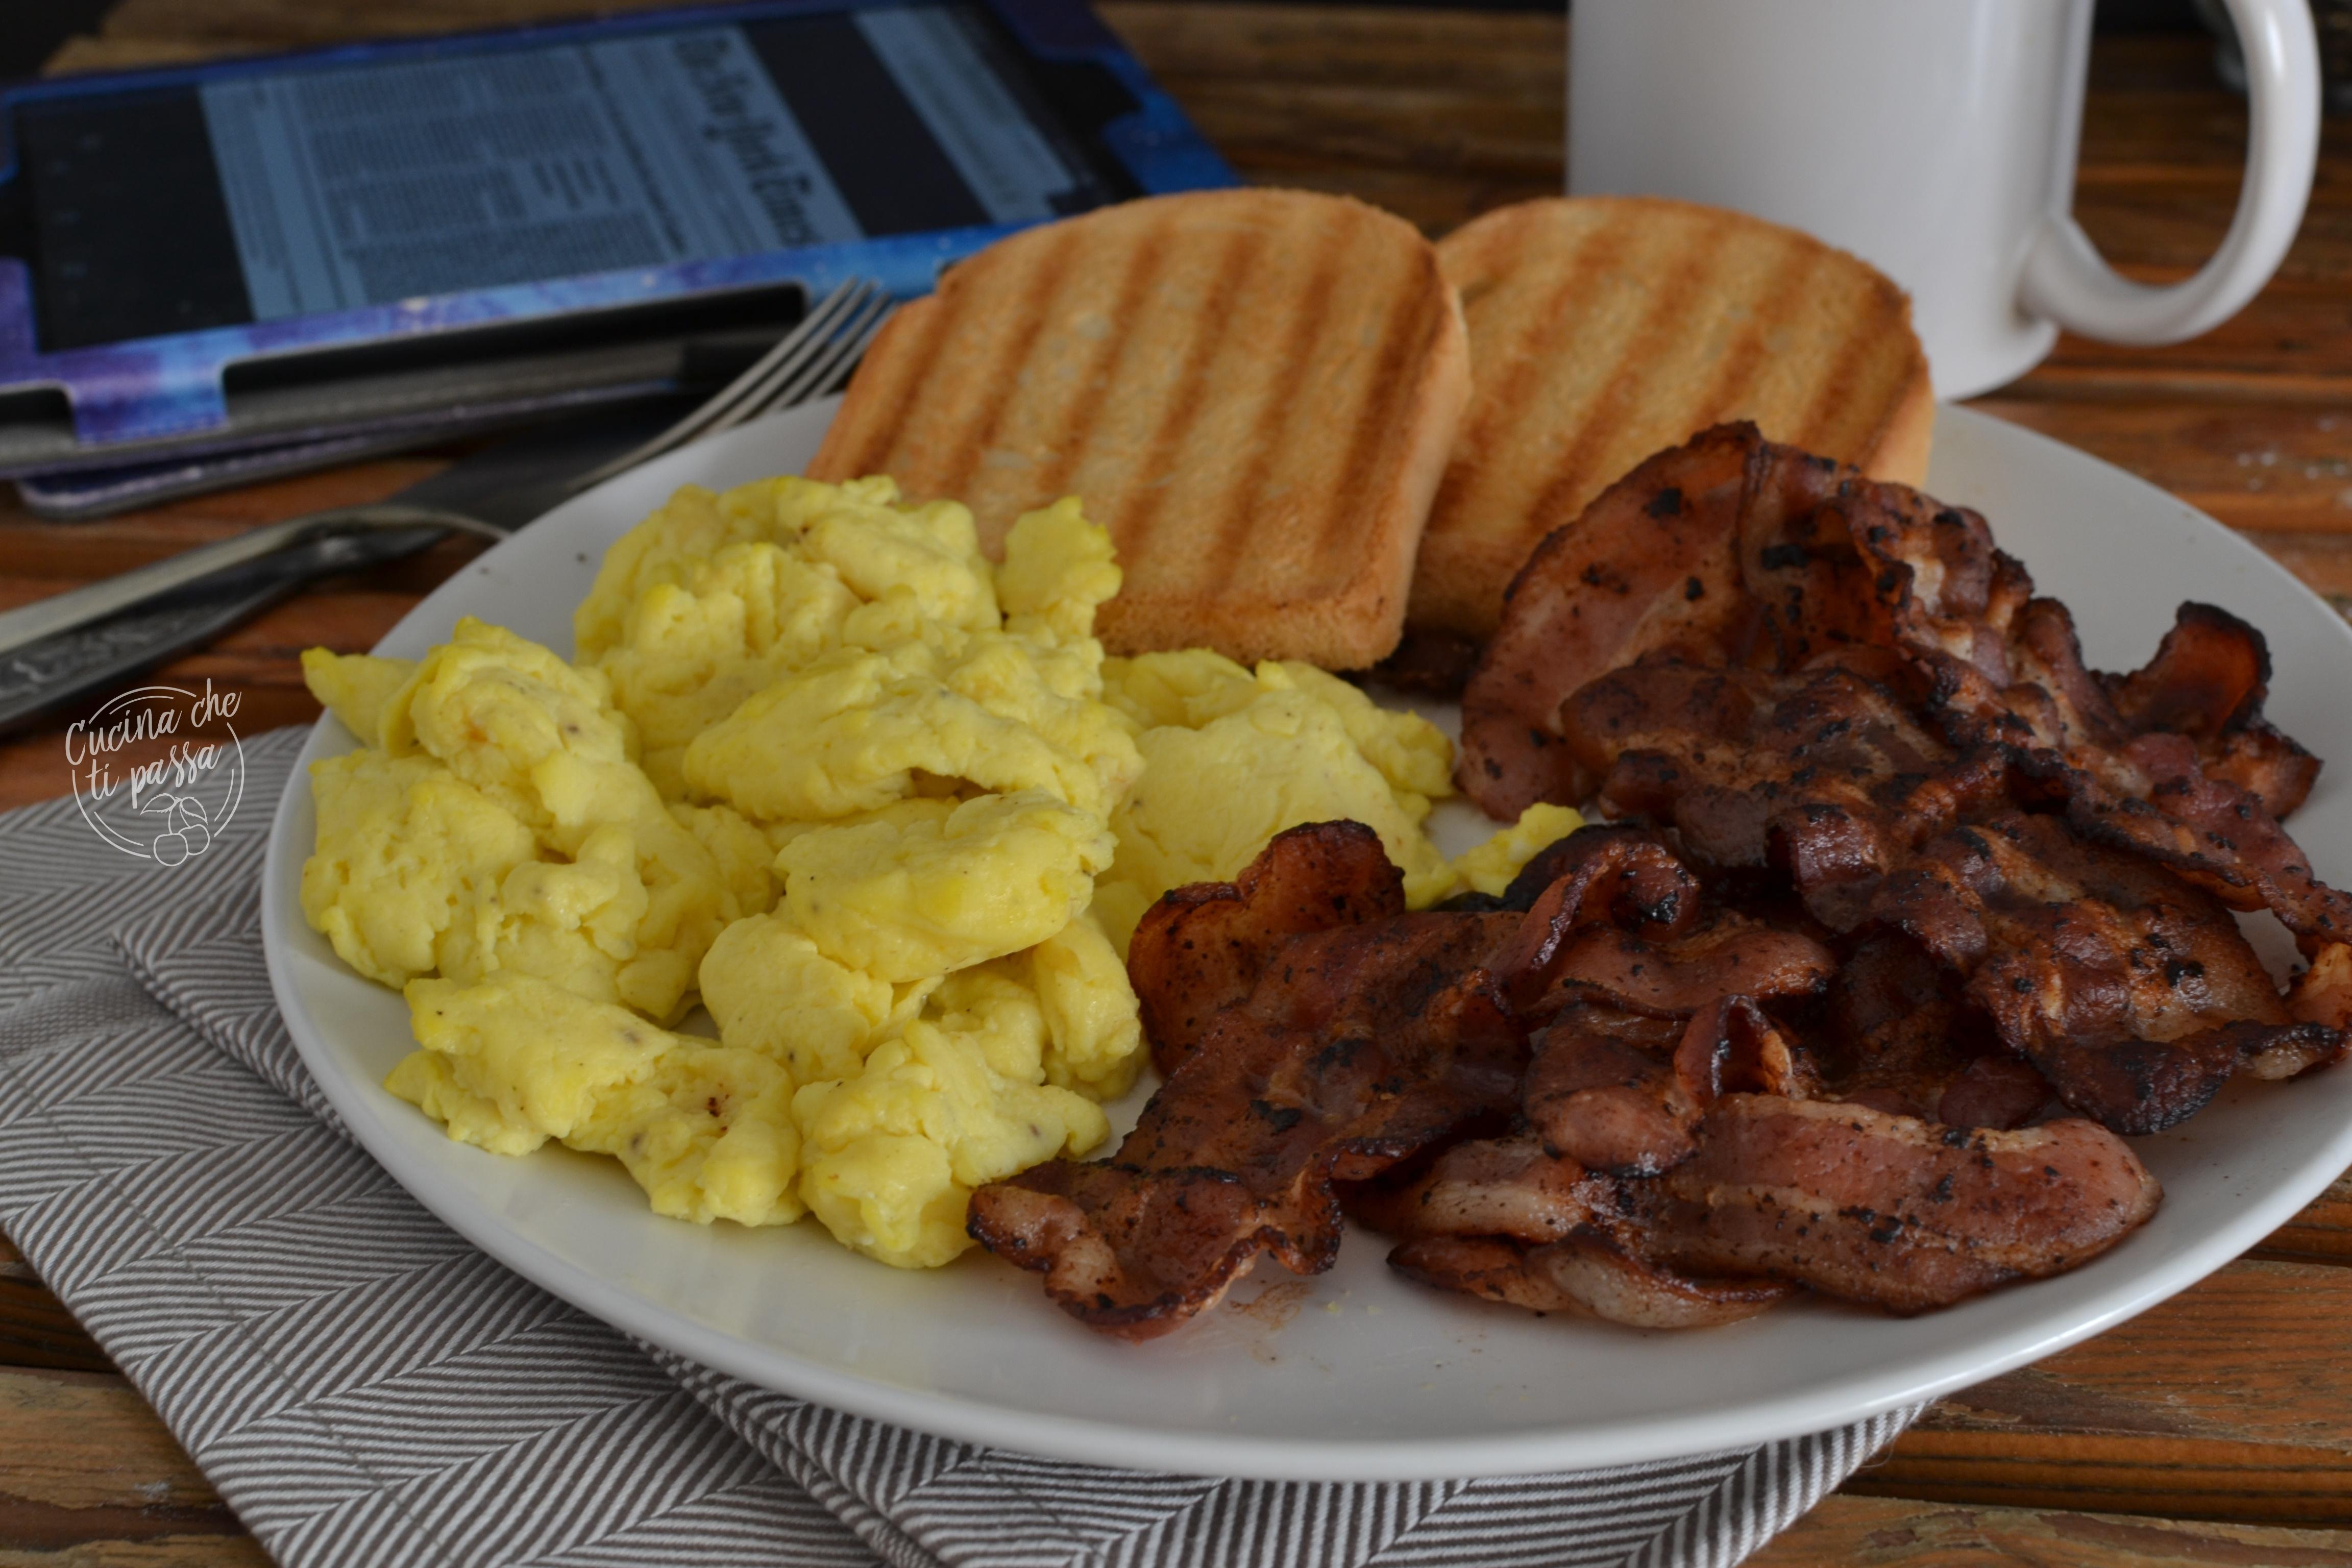 Ricetta Uova Strapazzate Con Pancetta.Uova Strapazzate E Bacon La Colazione Americana Cucina Che Ti Passa